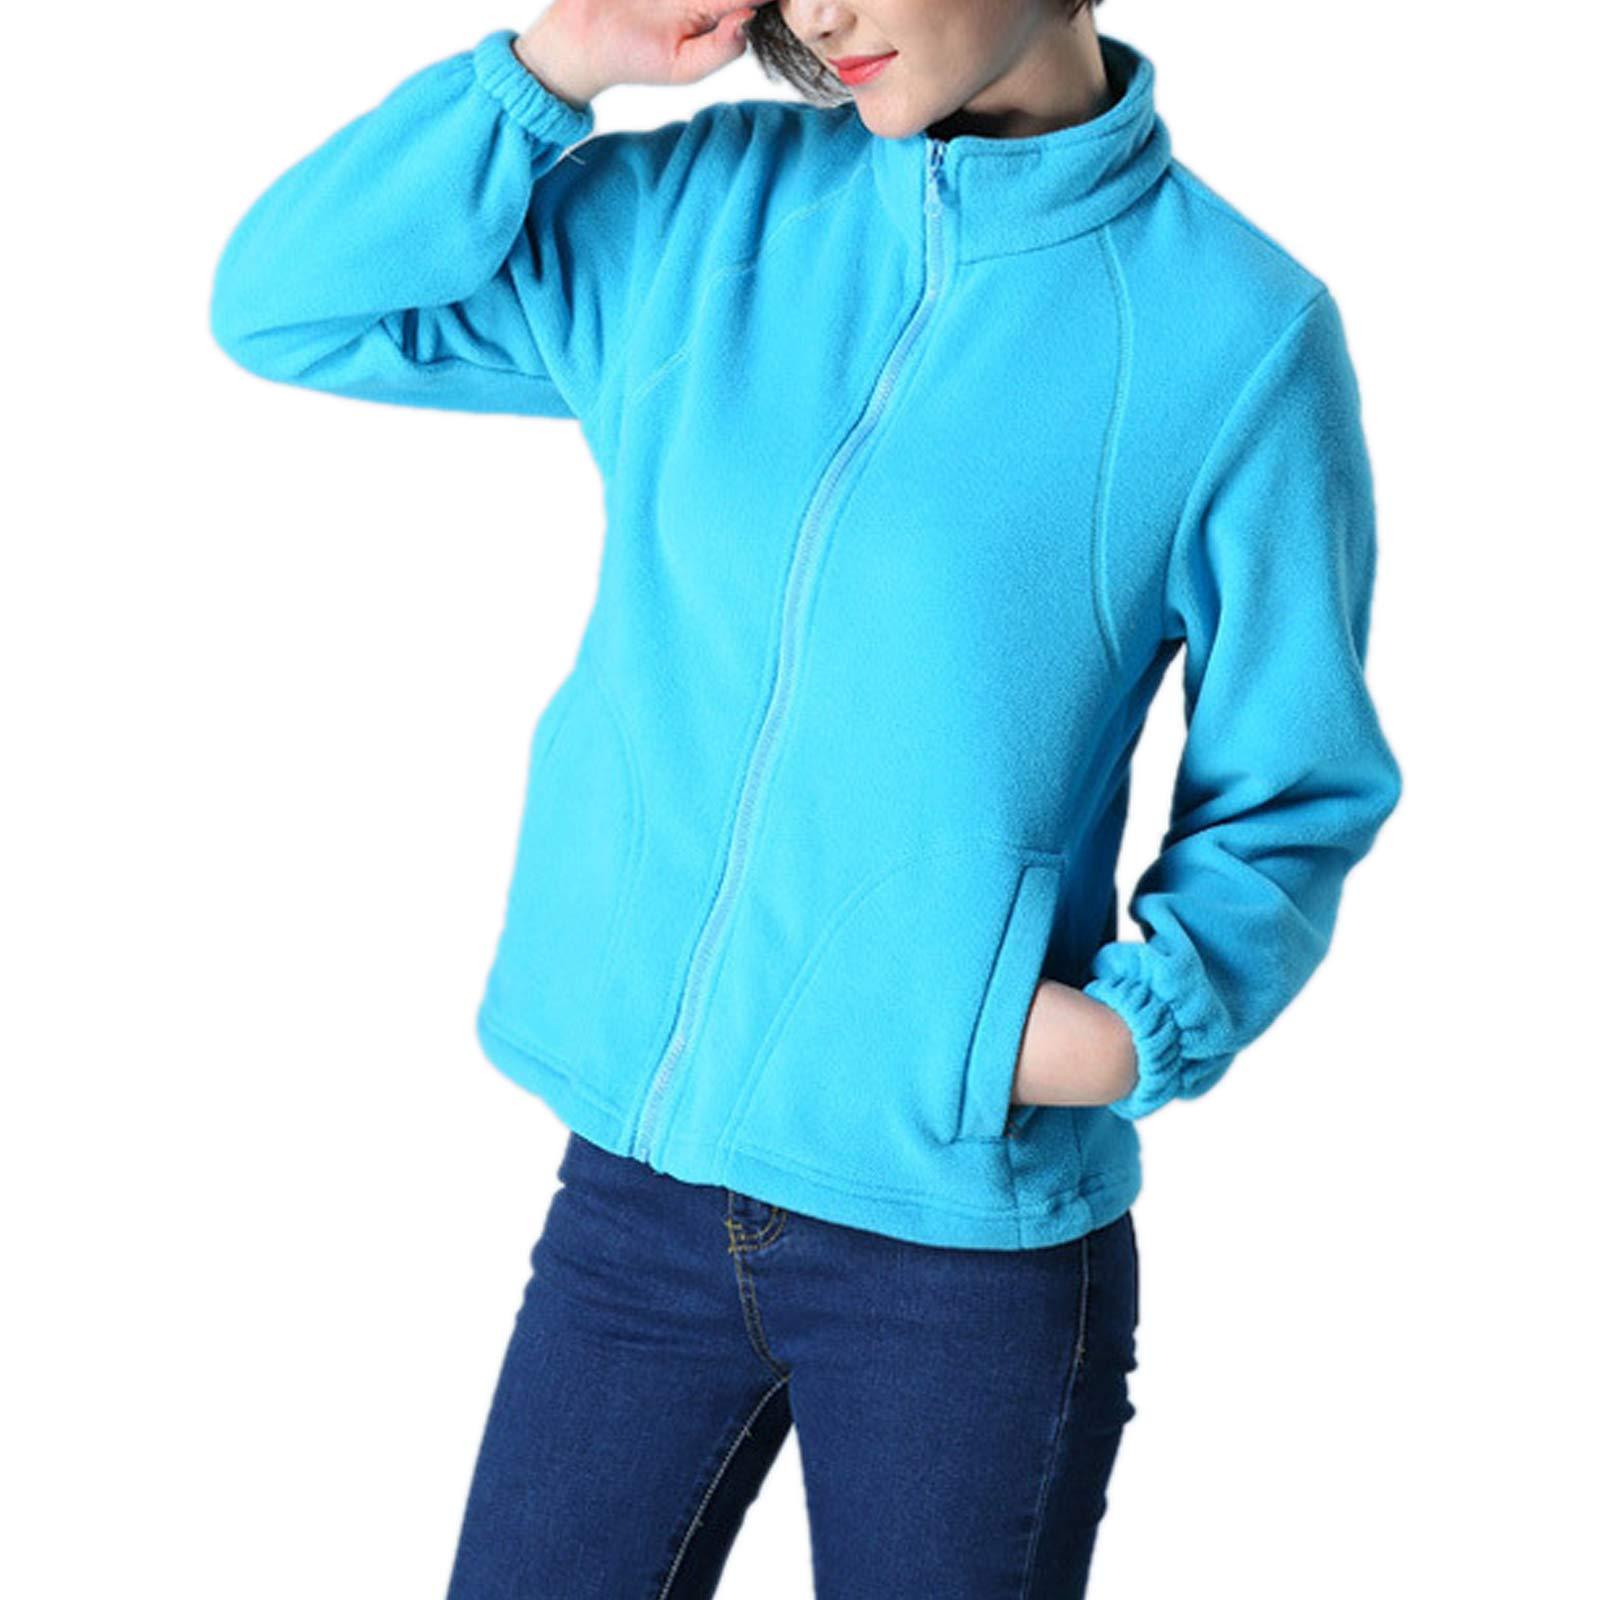 ZumZup Womens Fleece Jacket Full Zip Stand Collar Sportwear Top Outwear Azure1 Bust 40.9''(Asie XL) by ZumZup